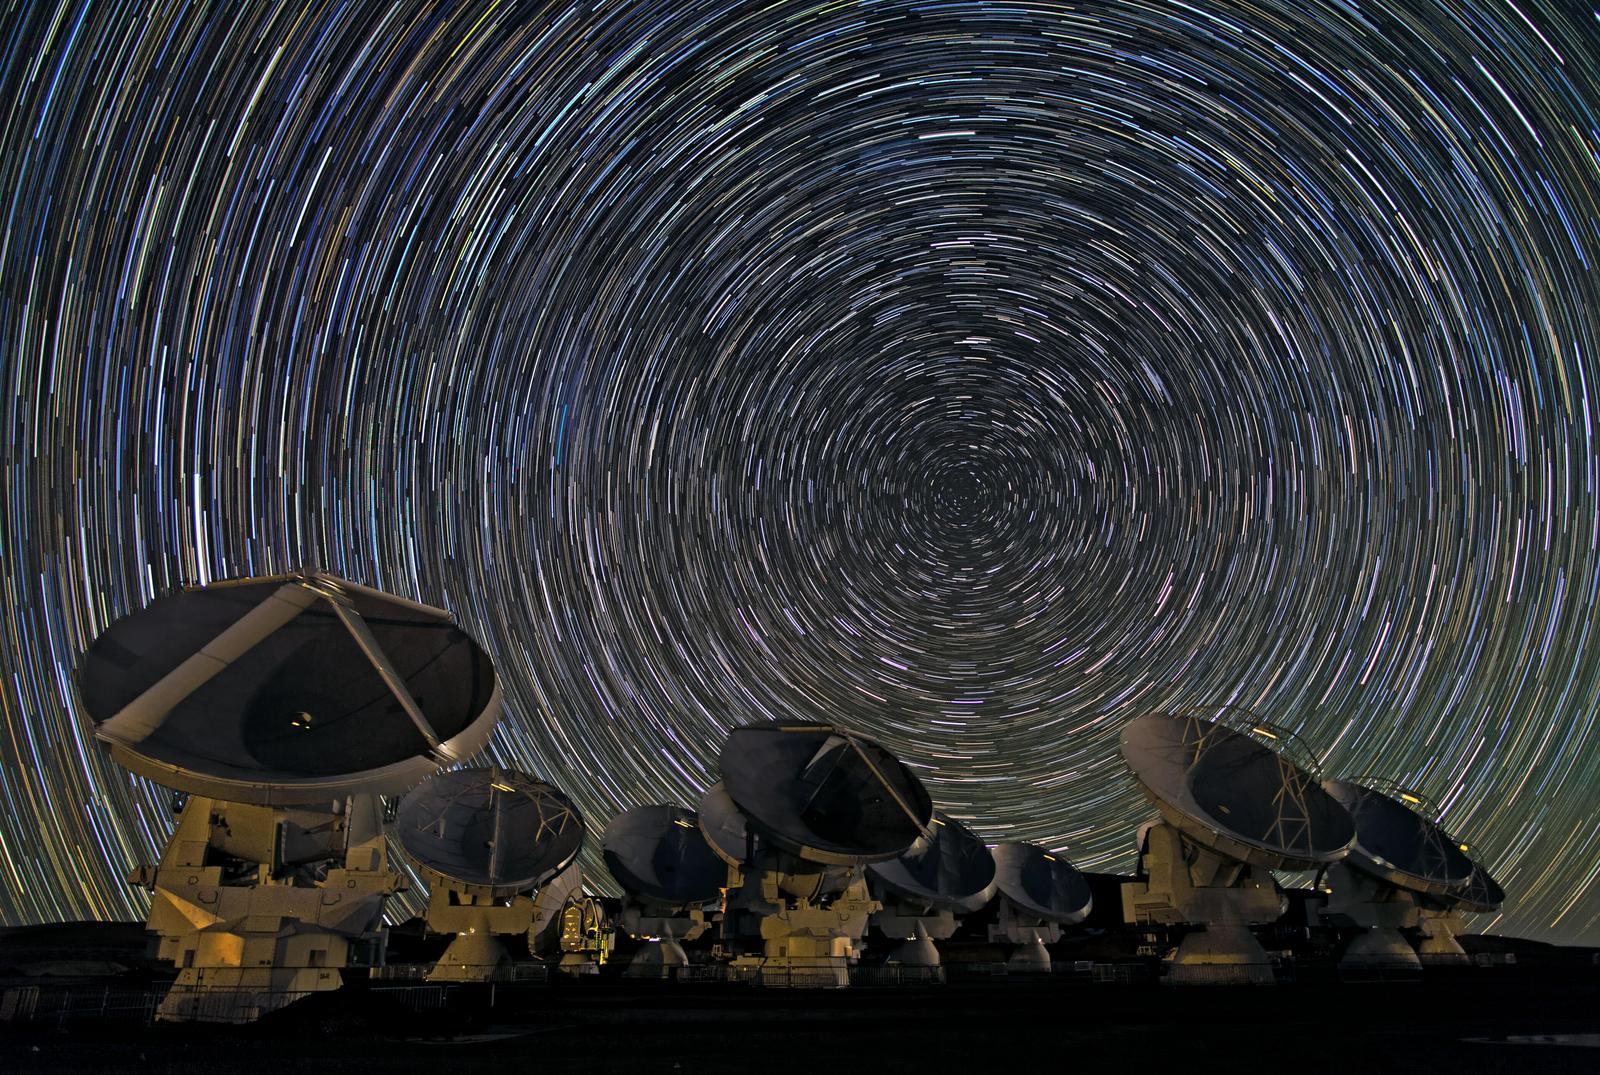 Terra abre os olhos para procurar a origem do Universo com ALMA